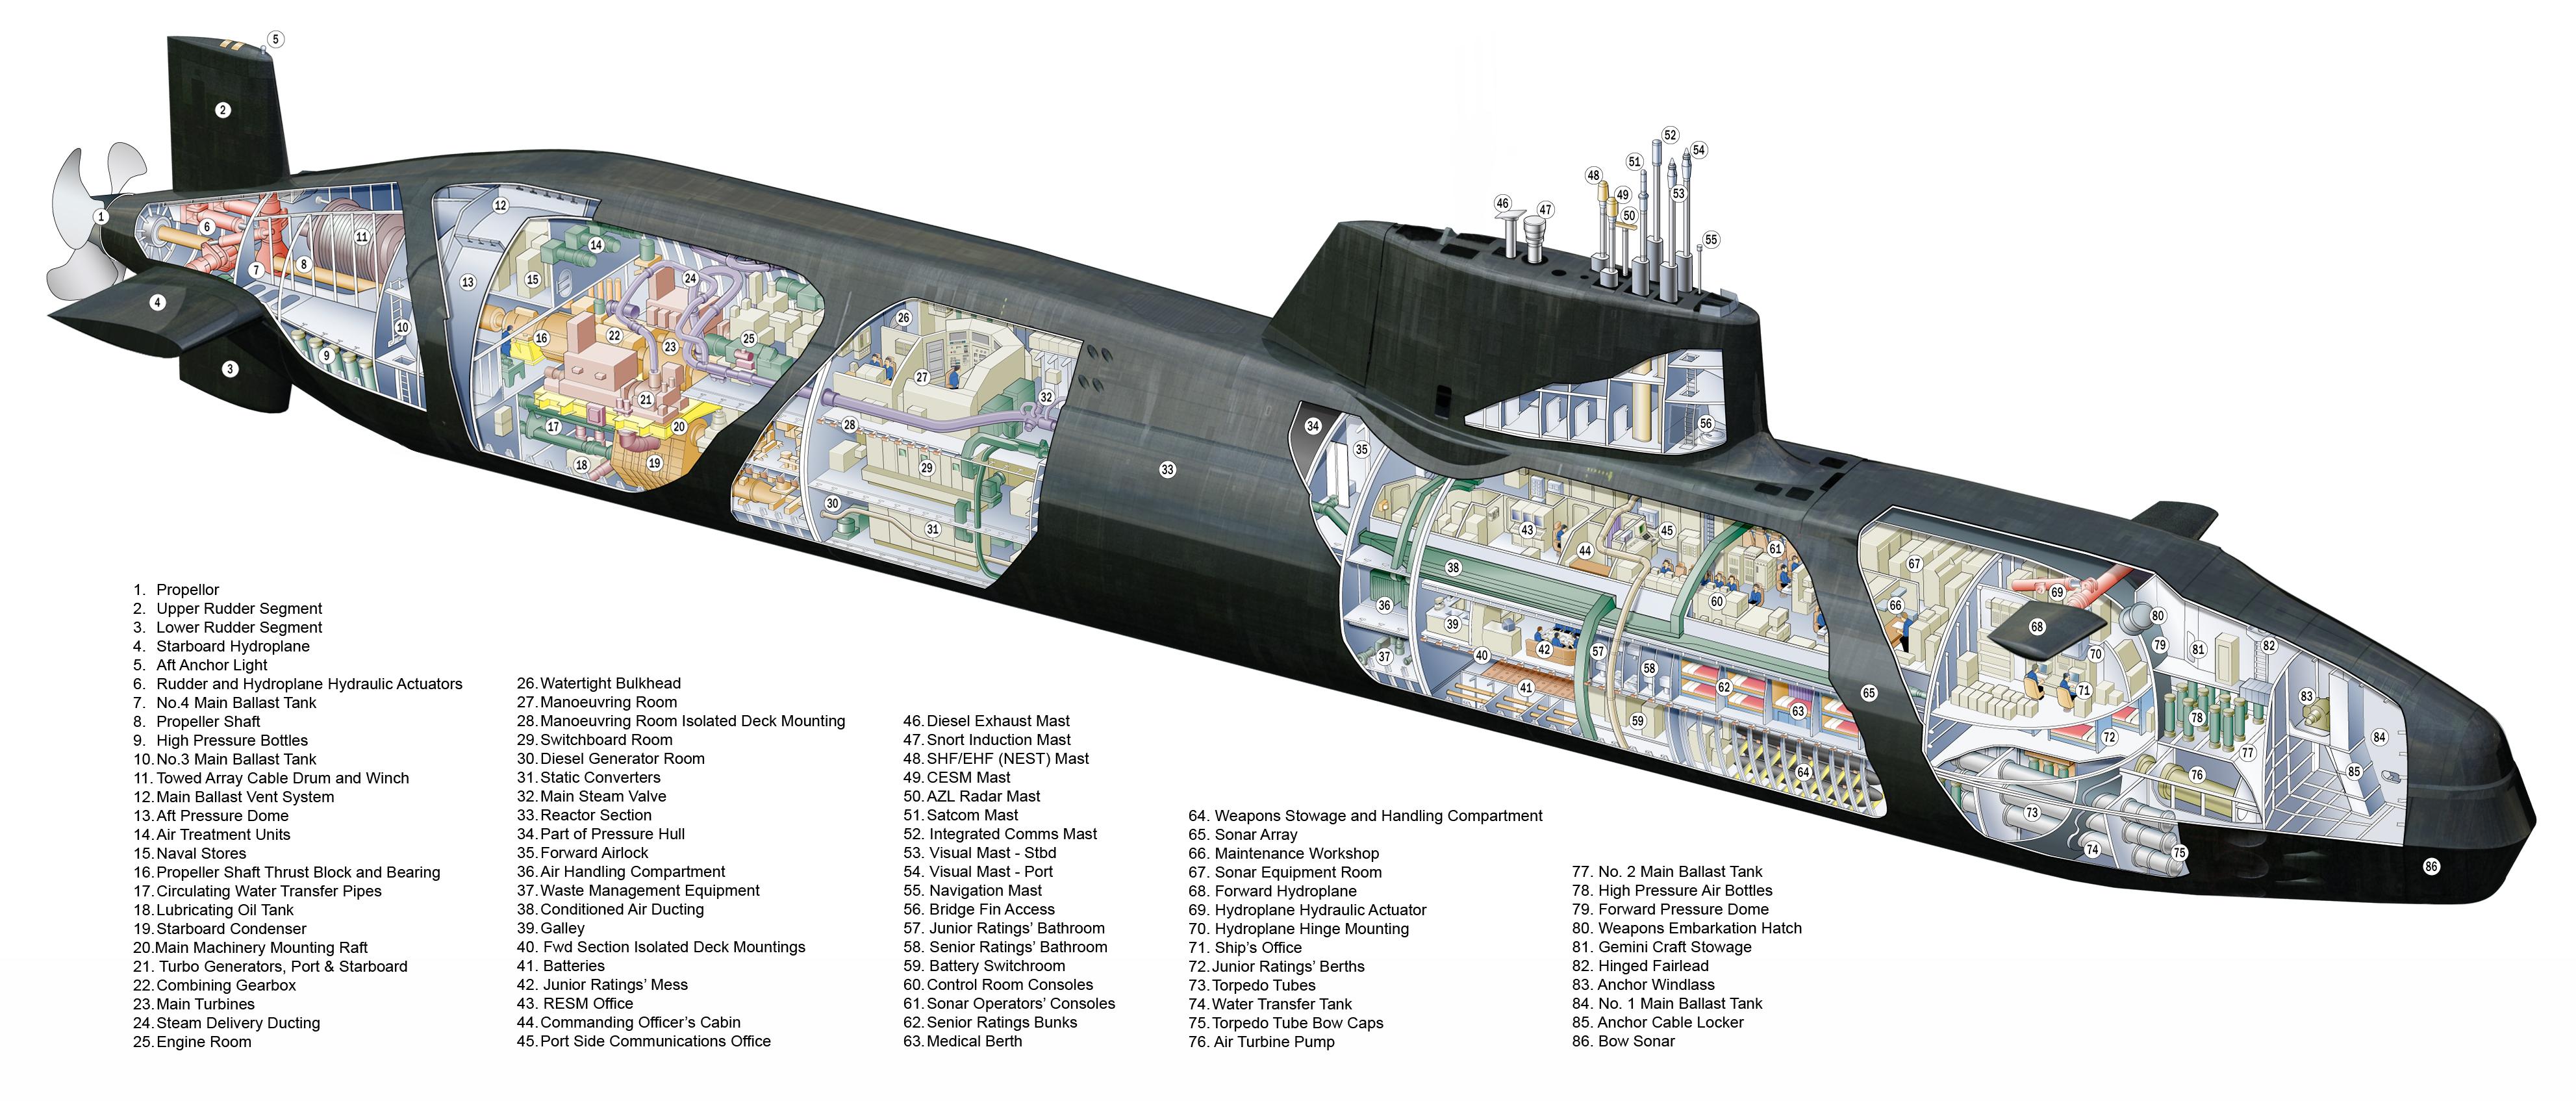 احدث غواصة في العالم Barracuda Submarine 211801